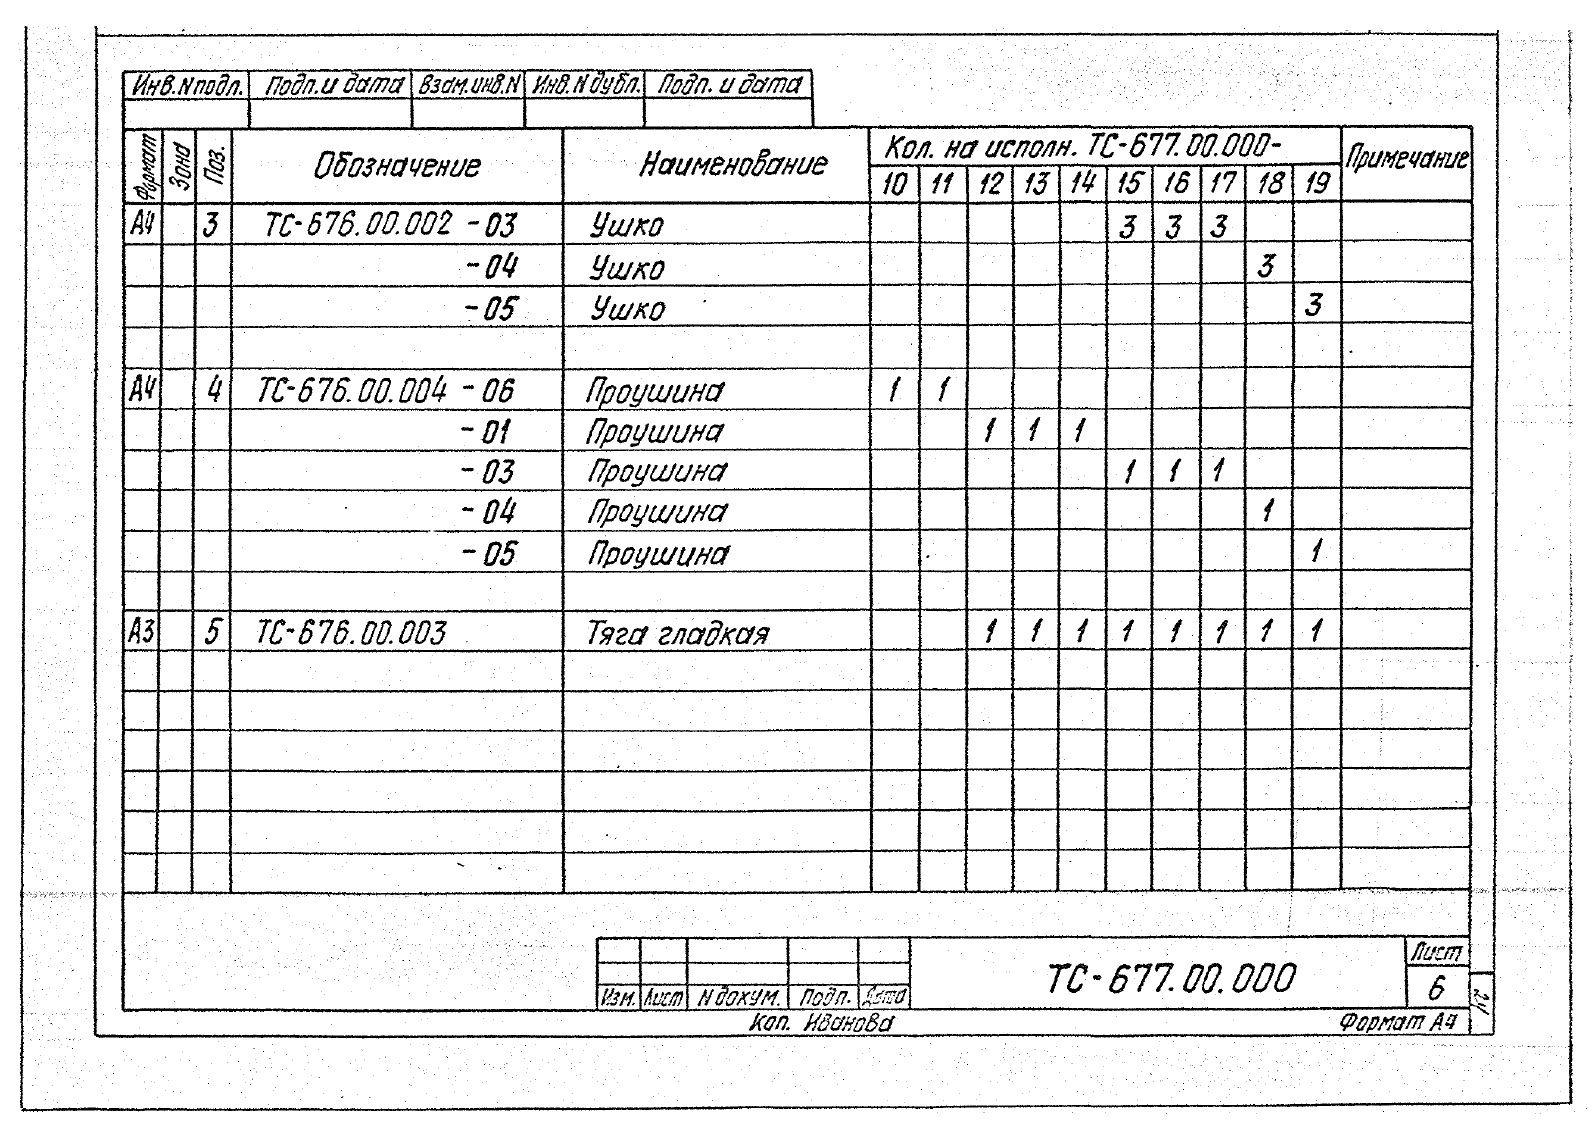 Подвески жесткие Дн 57-530 ТС-677 с.5.903-13 вып.6-95 стр.8